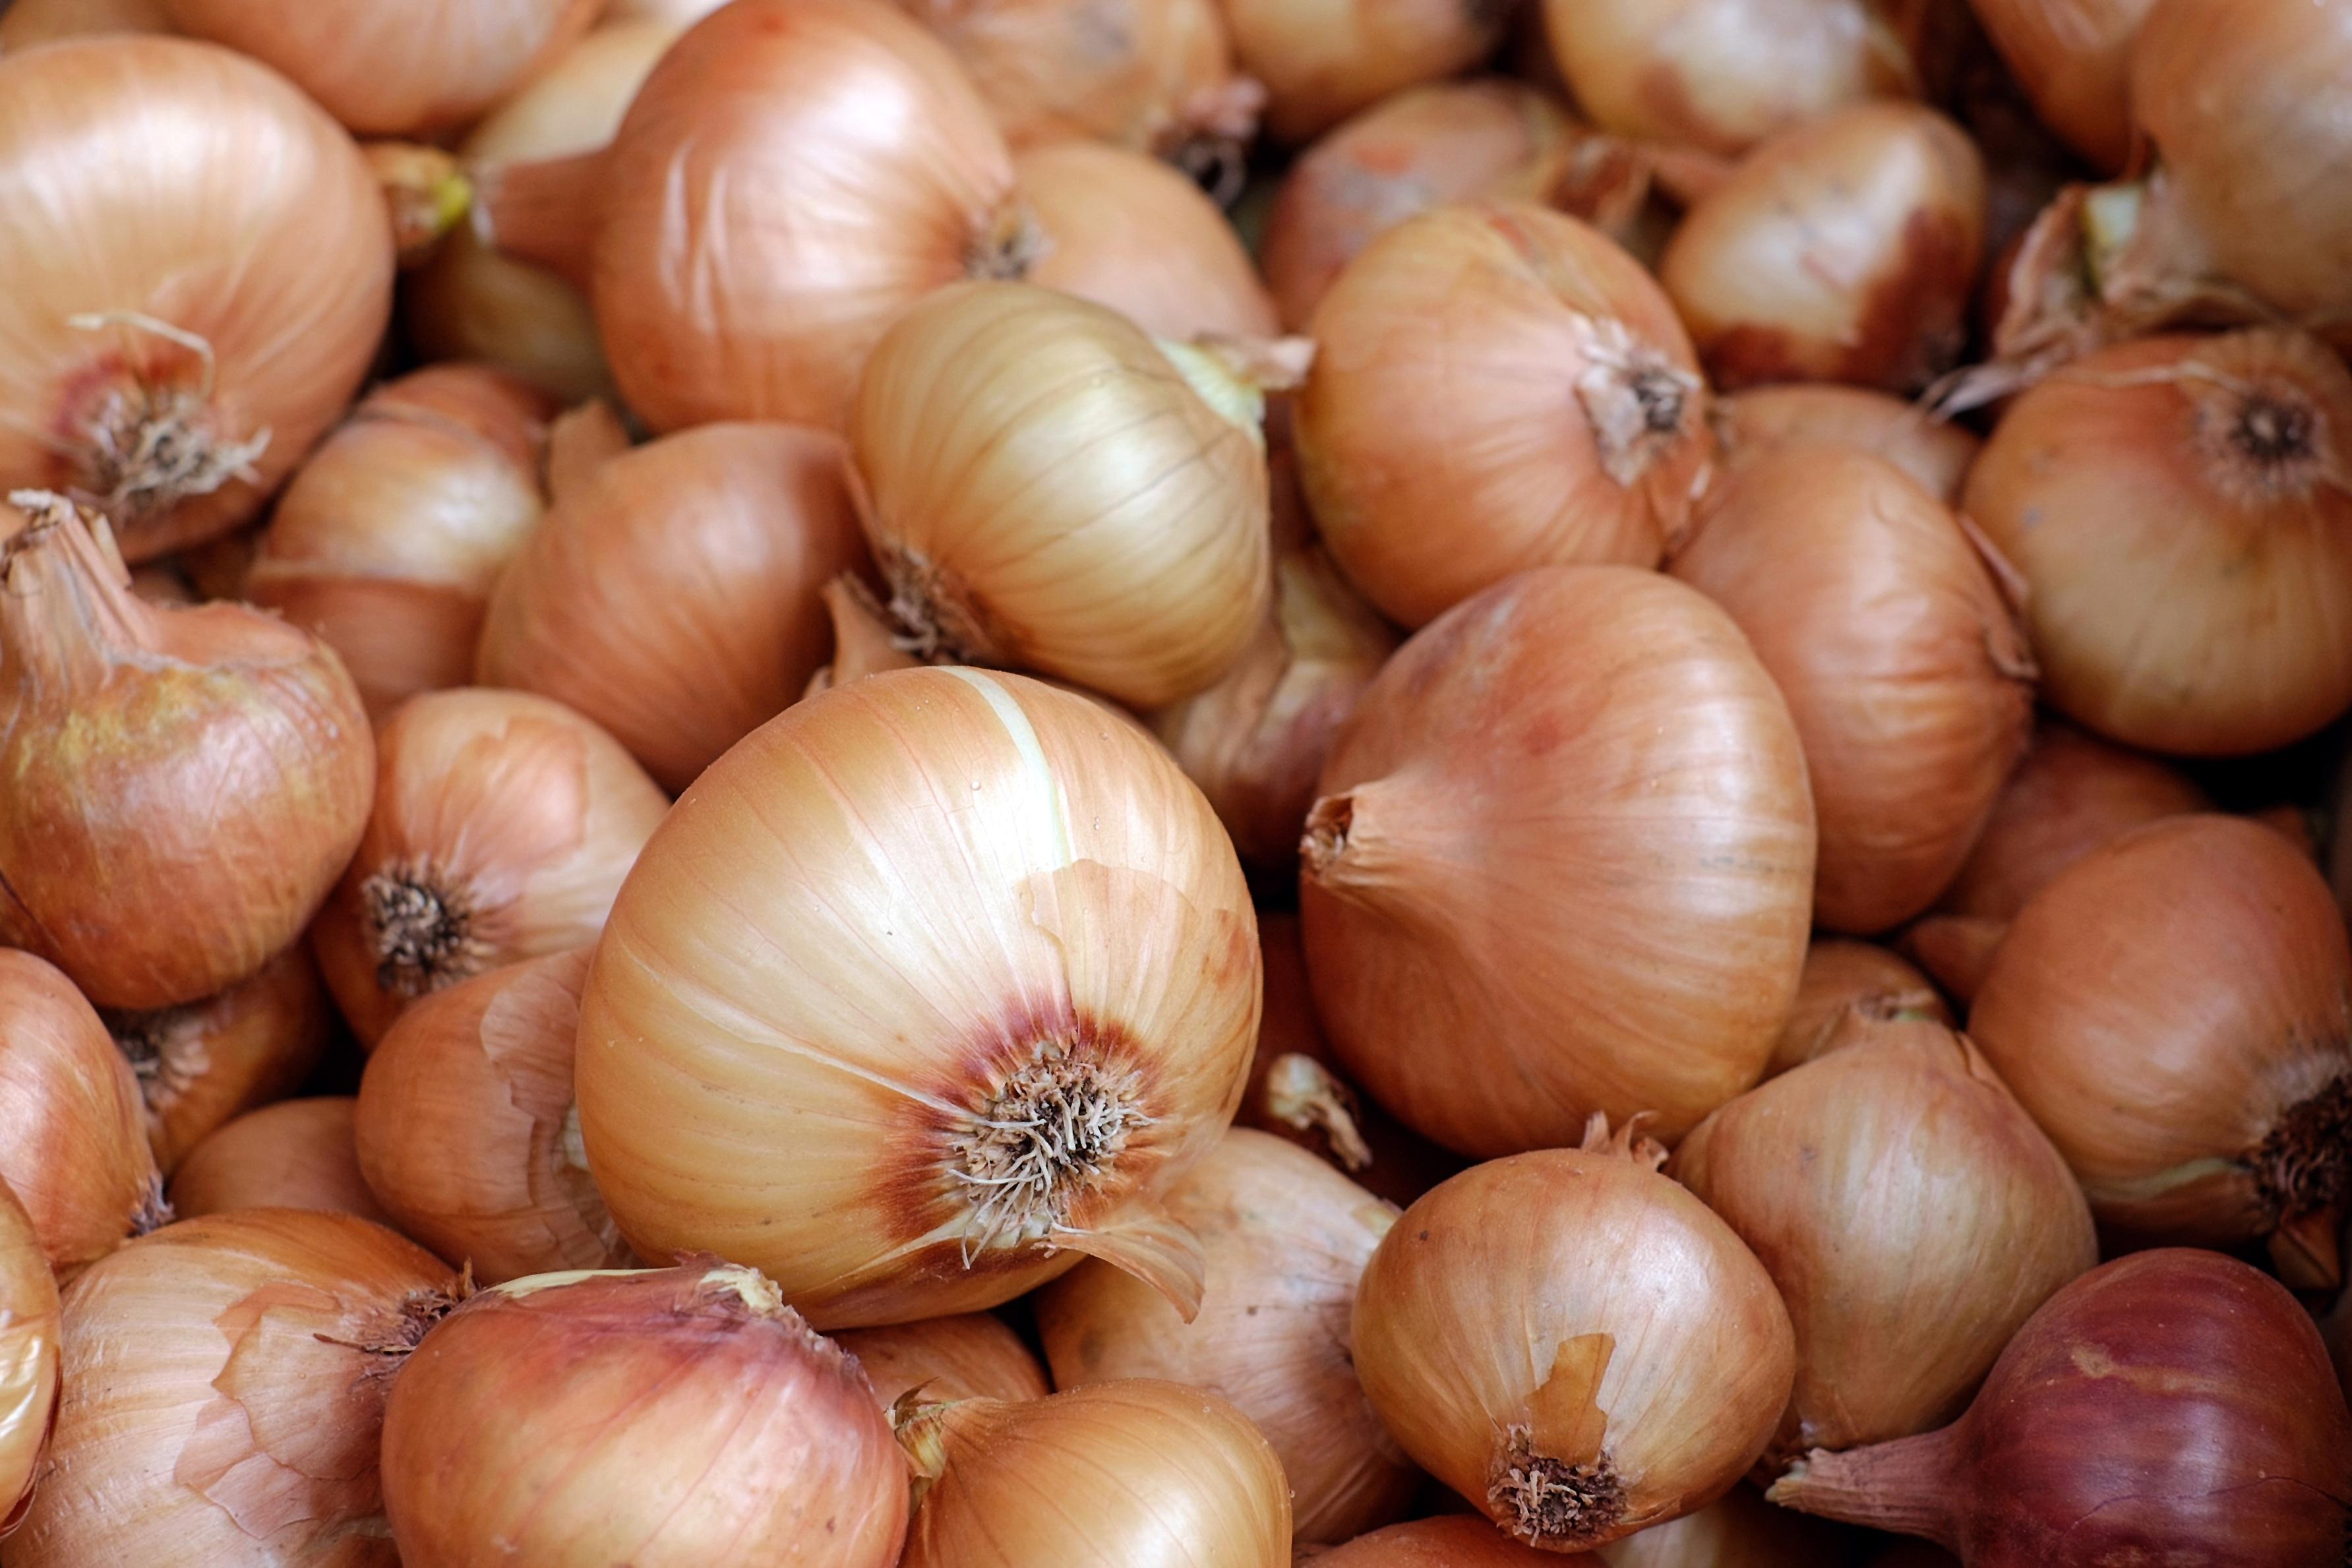 Las cebollas son el ingrediente estrella de esta sencilla, económica y sabrosa receta